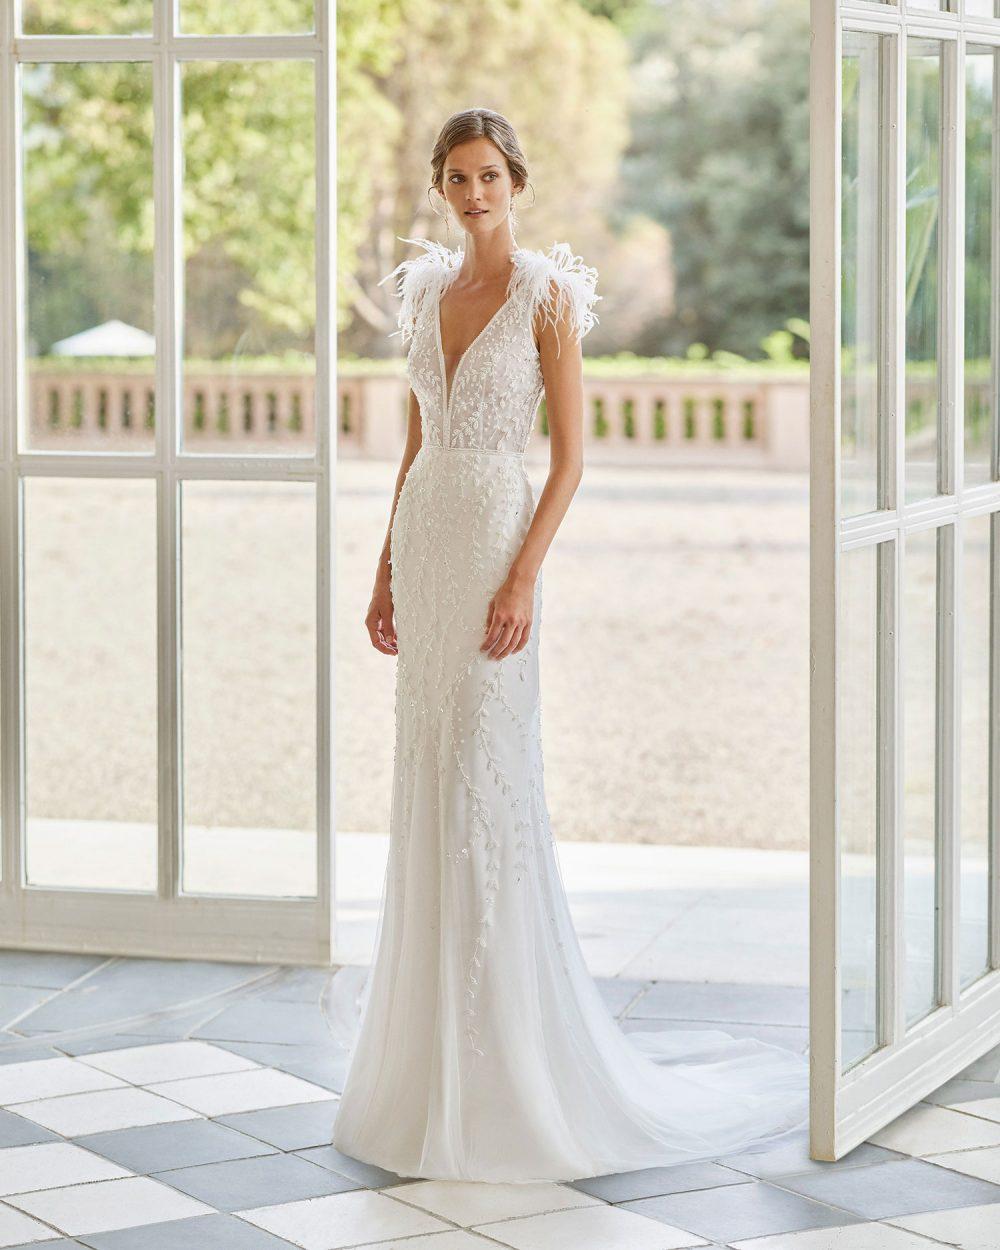 Rosa Clarà 2022 abito vestito sposa Vicenza OREN